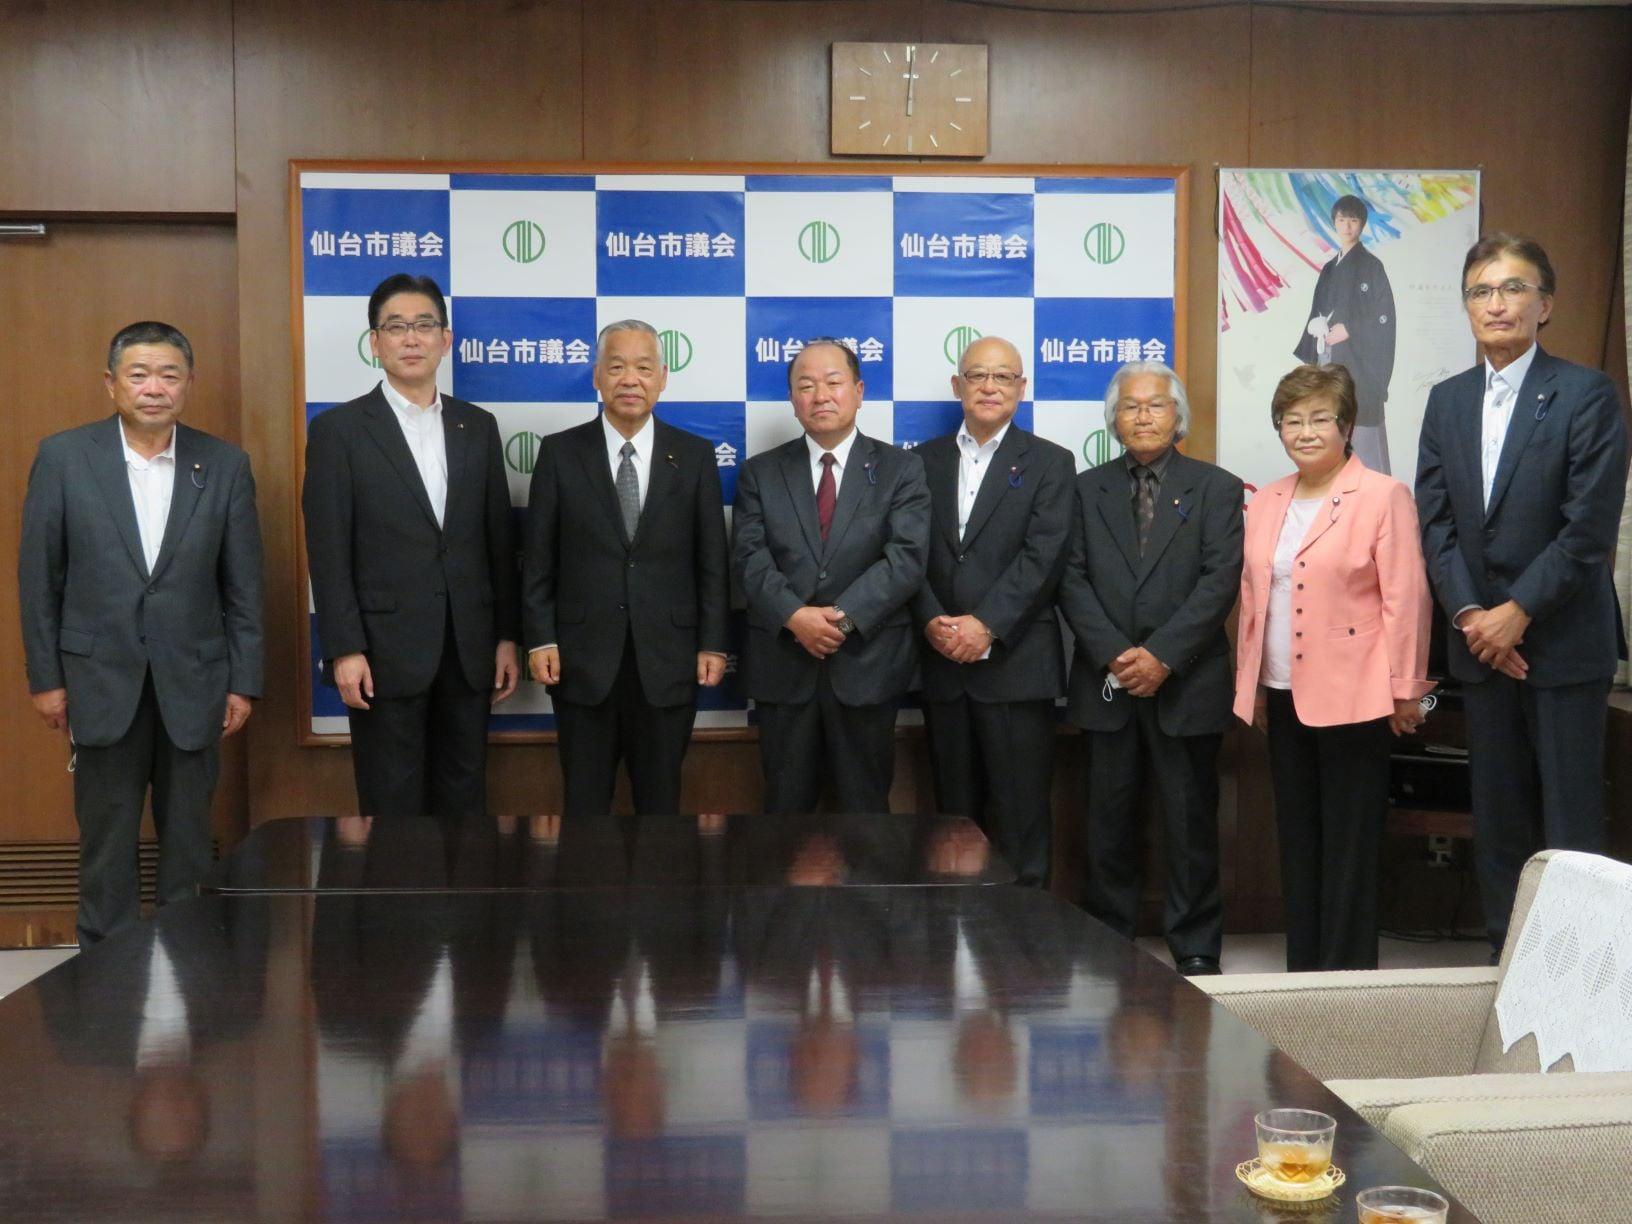 令和3年6月18日 宮城県町村議長会の新旧 会長・副会長の皆さんが就任、退任のご挨拶のため来訪されました。